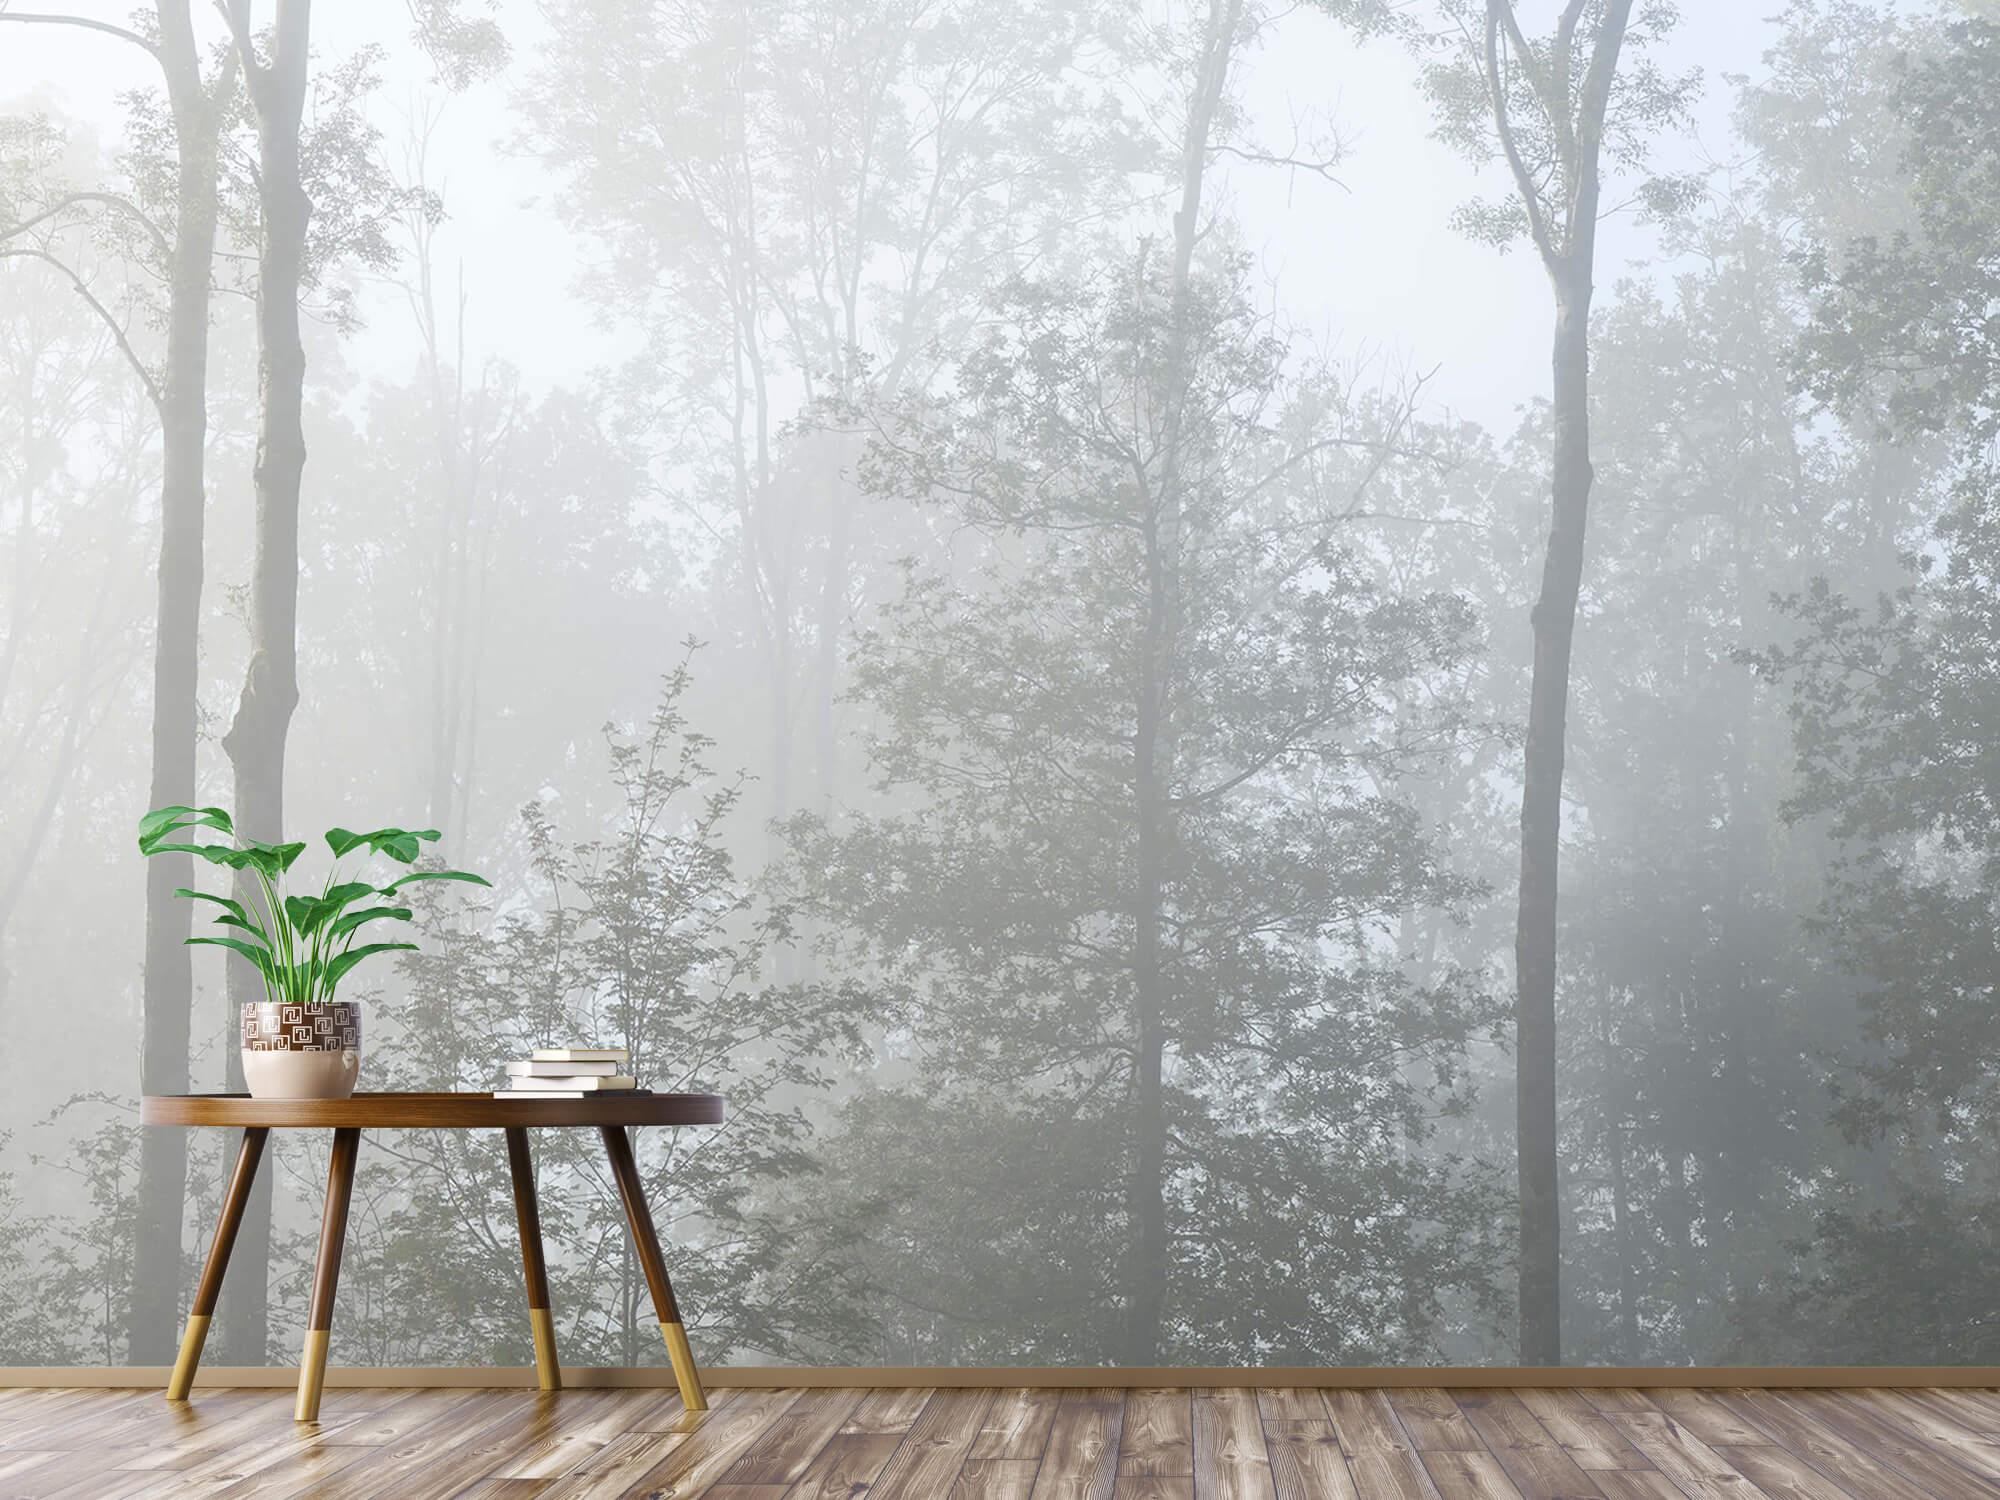 Bos behang Dichte mist in het bos 3